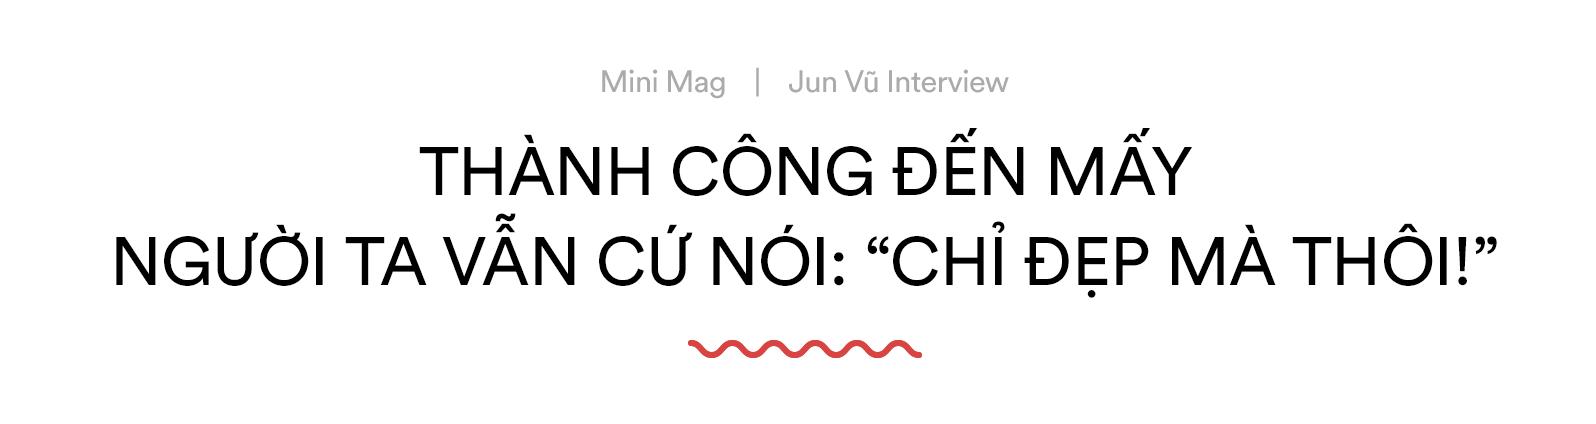 """Jun Vũ: Đẹp không phải là tất cả, nhưng chắc chắn là một lợi thế lớn với tôi!"""" - Ảnh 1."""